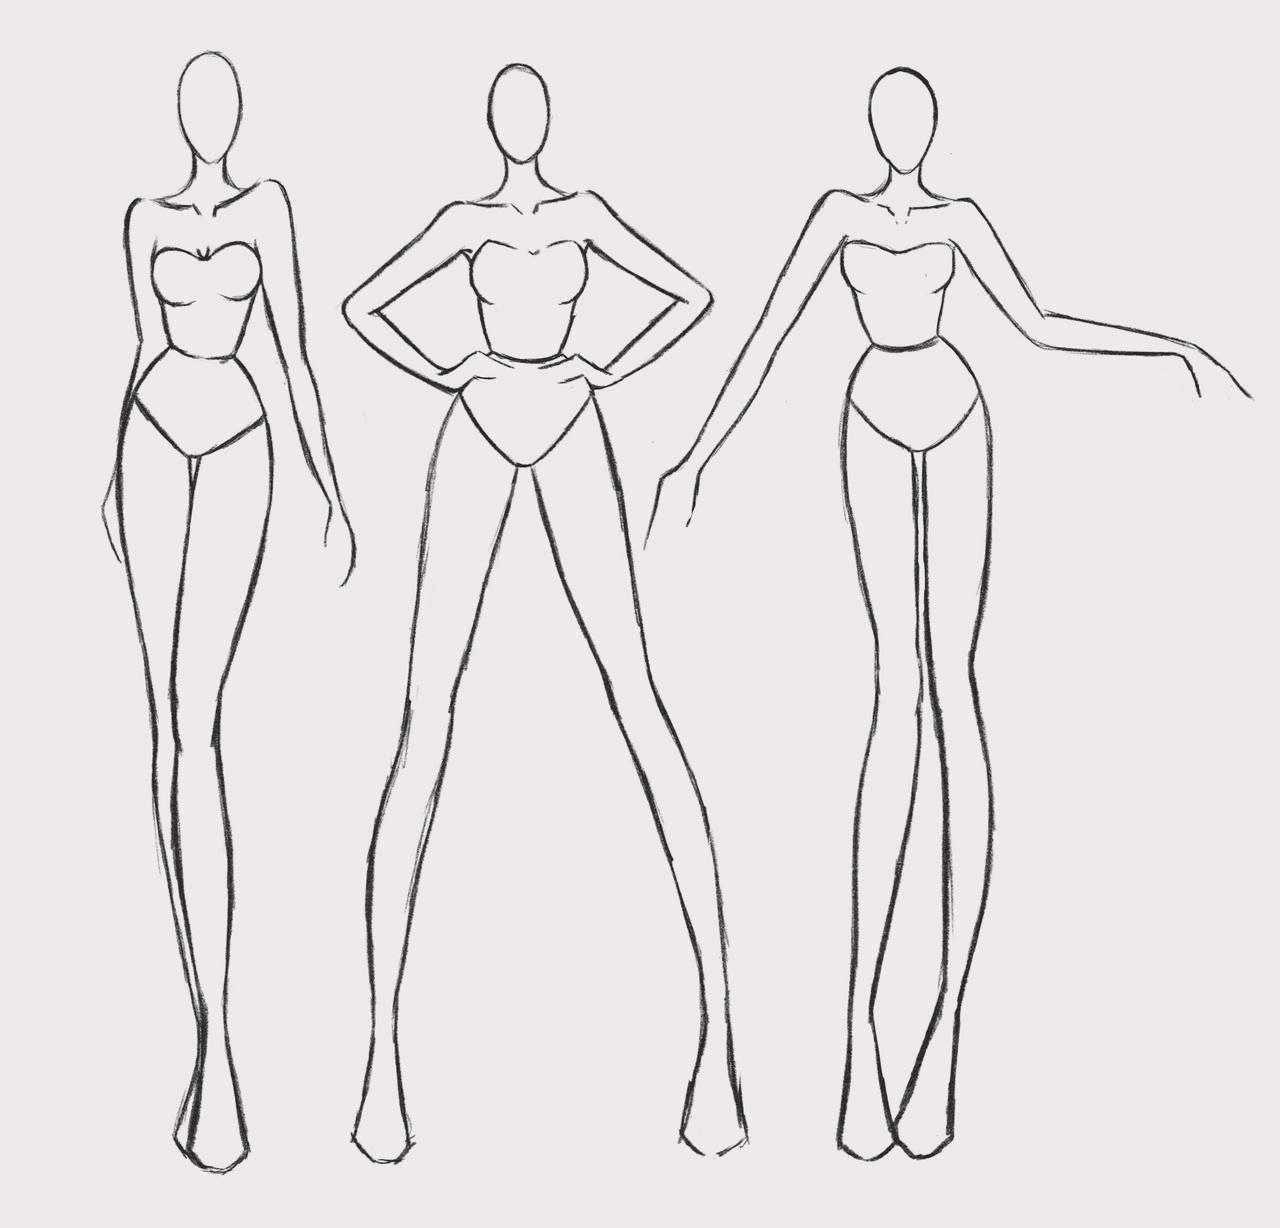 Fashion Figures By Silenceinsilver On Deviantart Mode Zeichnen Illustration Mode Modeskizzen